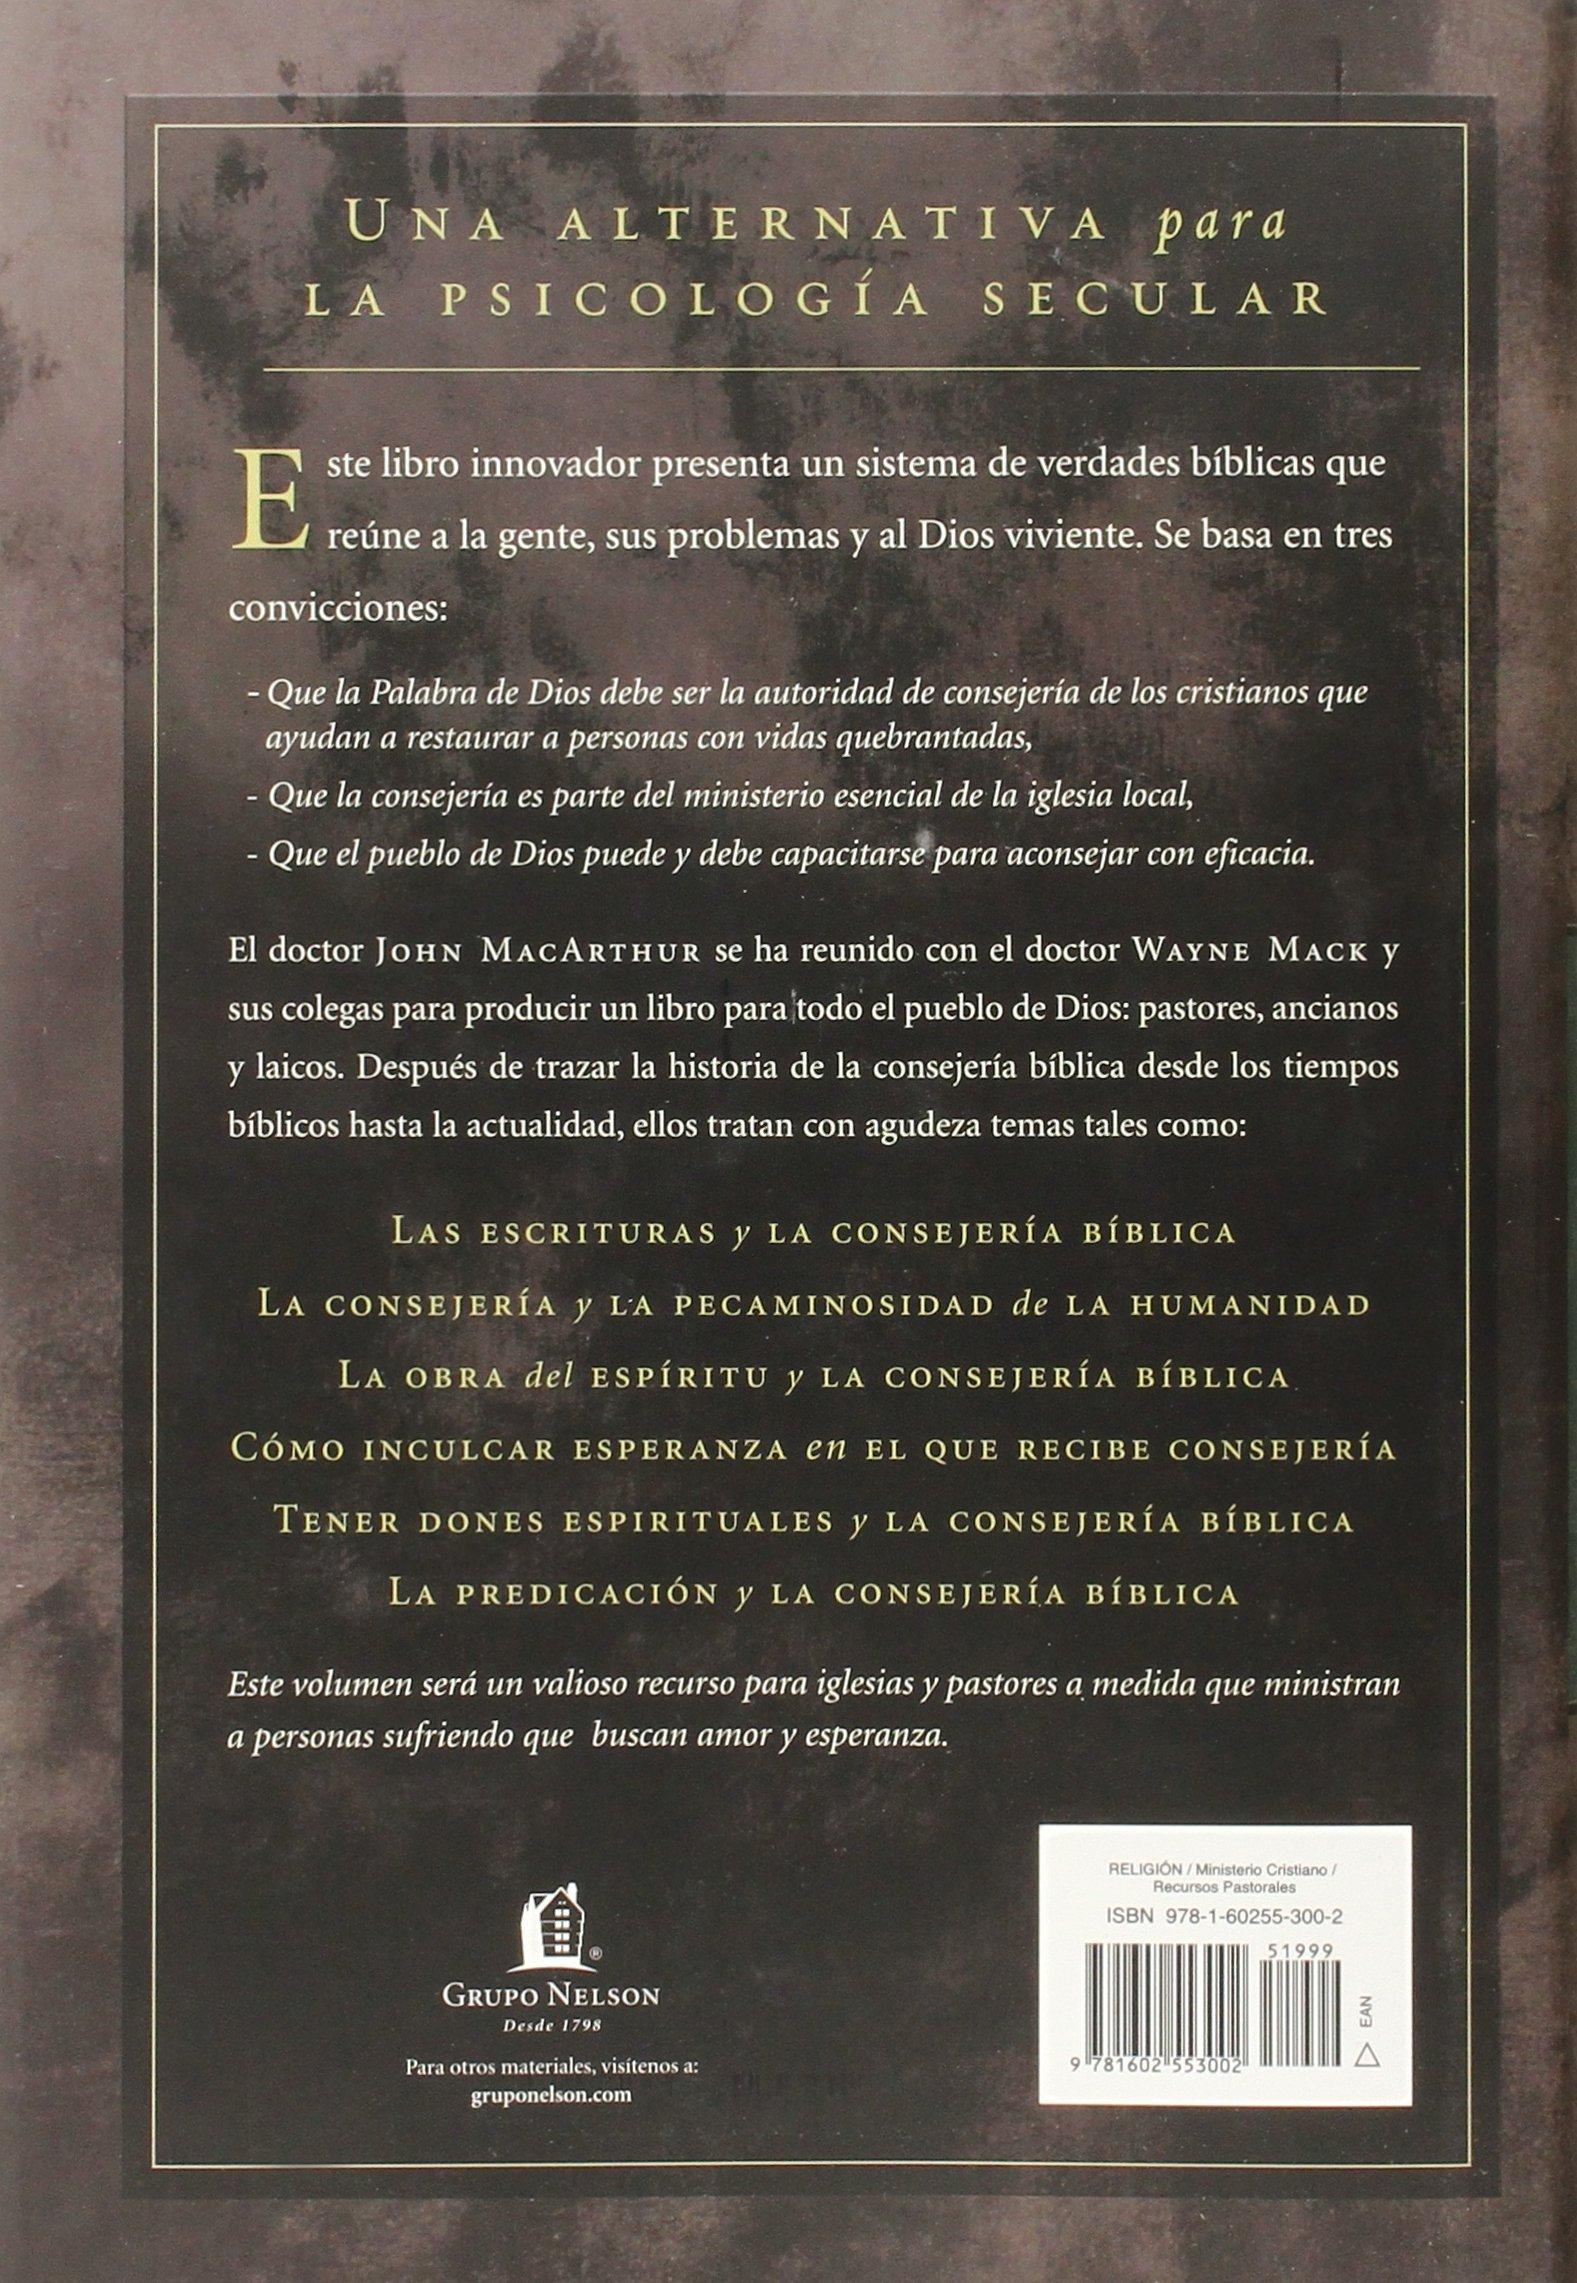 La consejera cmo aconsejar bblicamente spanish edition john f la consejera cmo aconsejar bblicamente spanish edition john f macarthur 9781602553002 amazon books fandeluxe Gallery